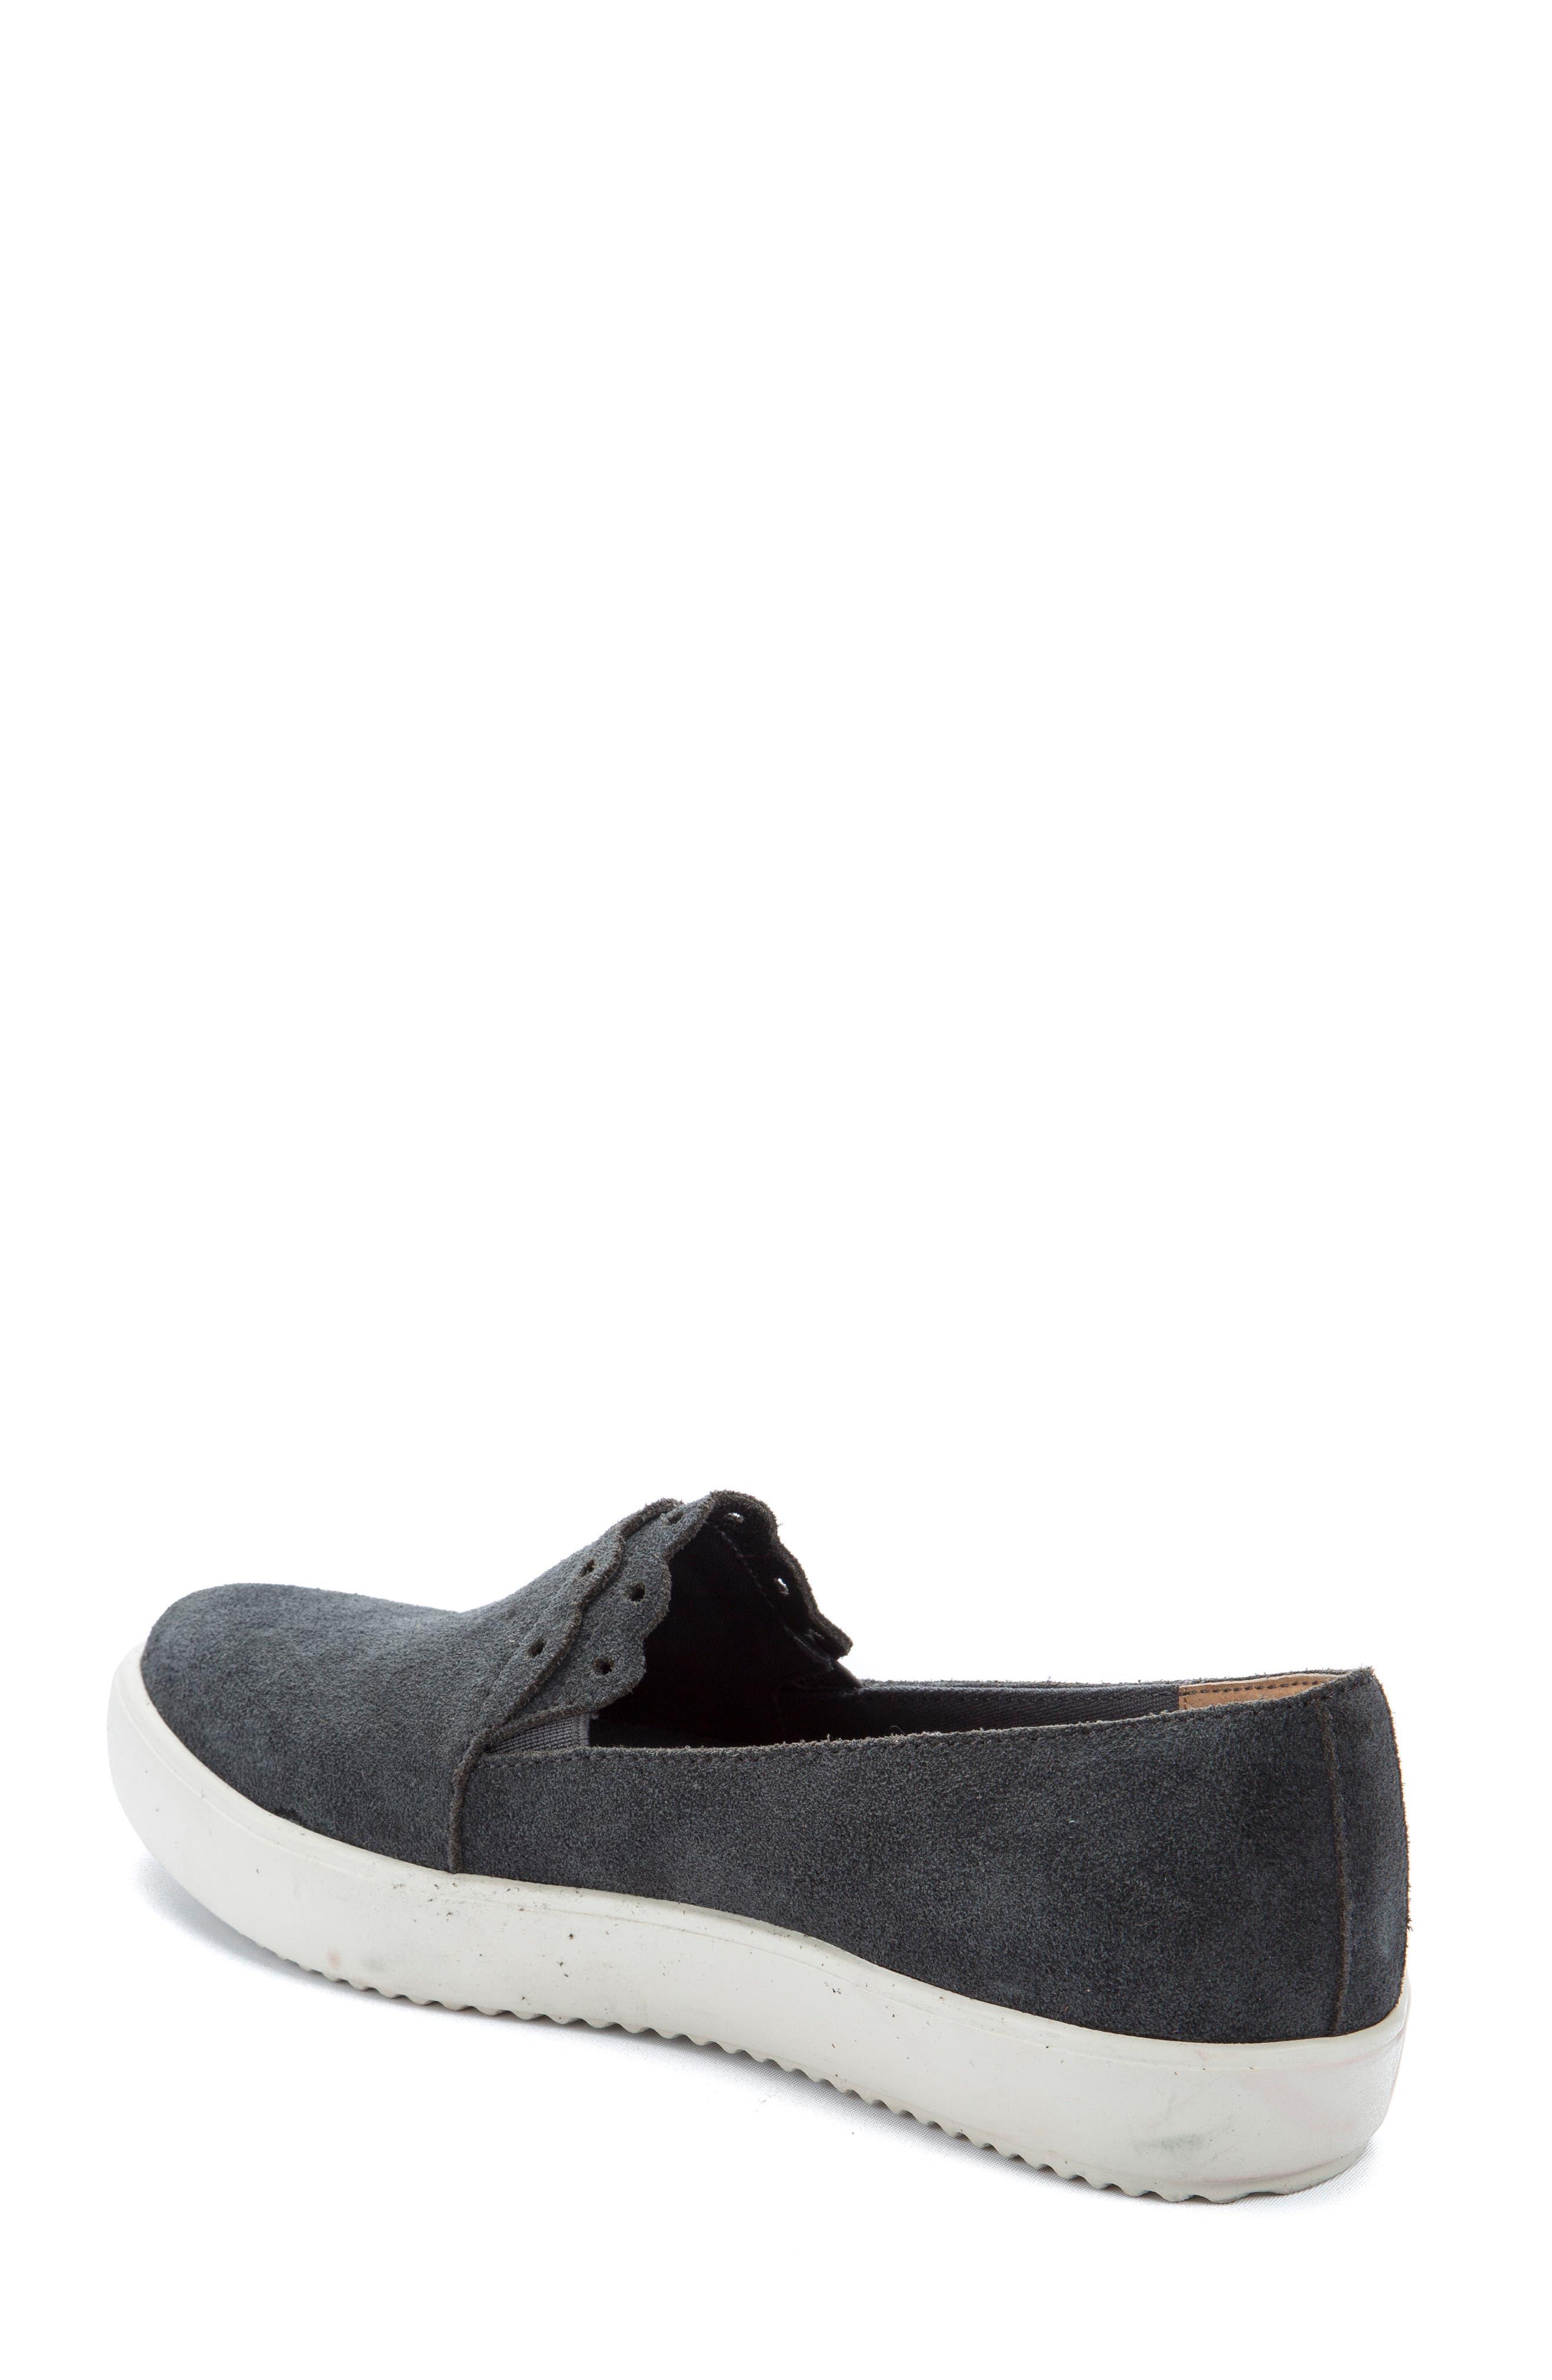 Alternate Image 2  - Latigo Roe Slip-On Sneaker (Women)